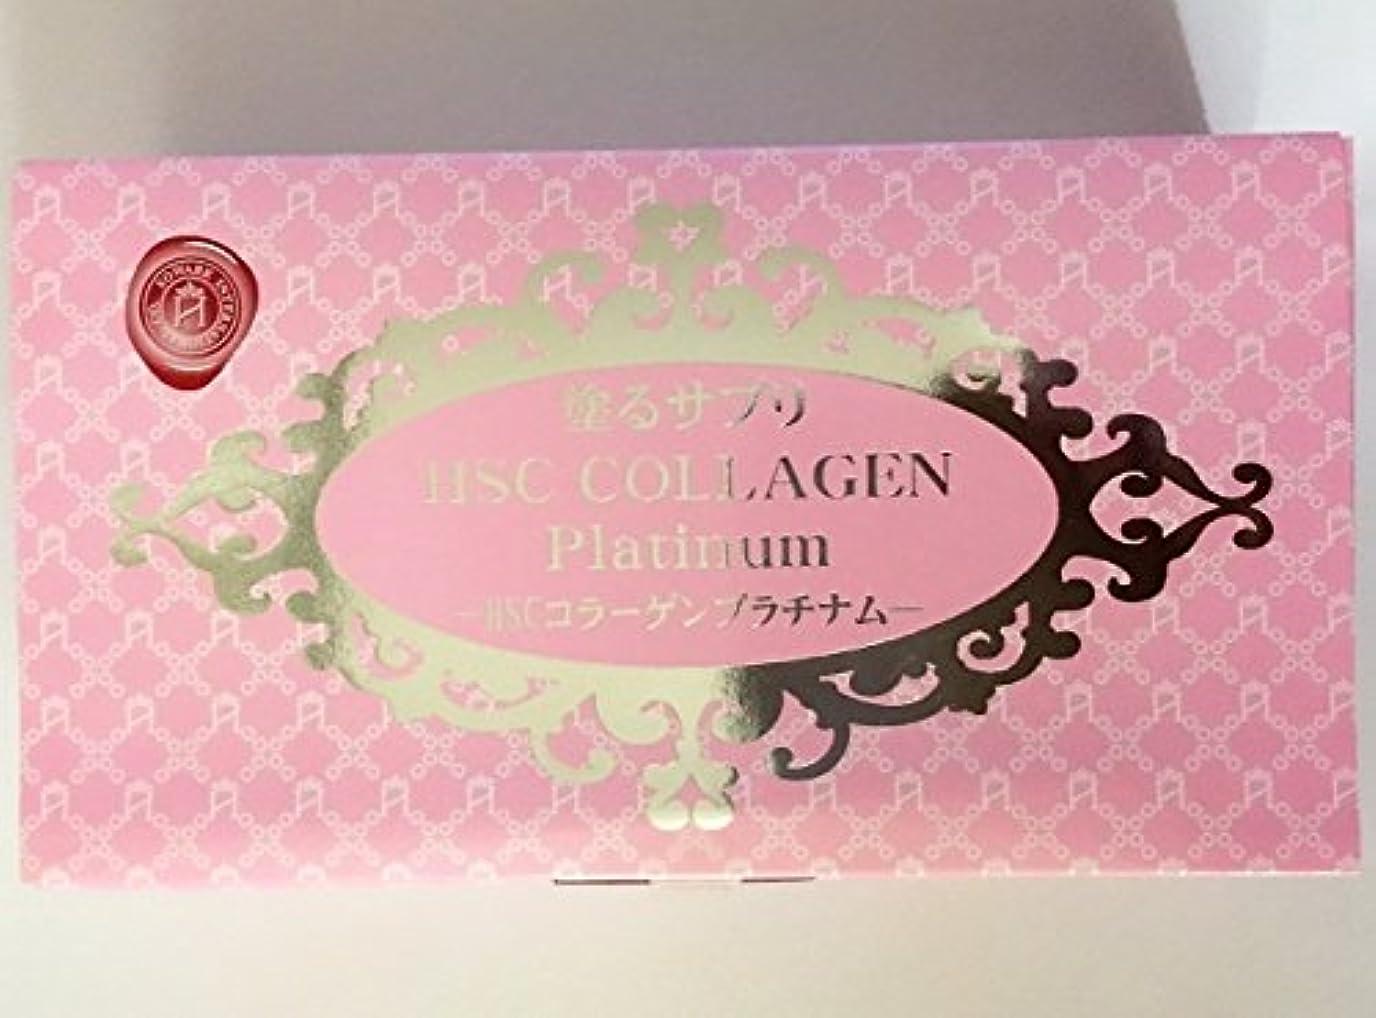 傑出した気づく豚肉HSC コラーゲン プラチナム 塗るサプリ美容液 5ml x 12本(アトマイザー?コインマスク付き)